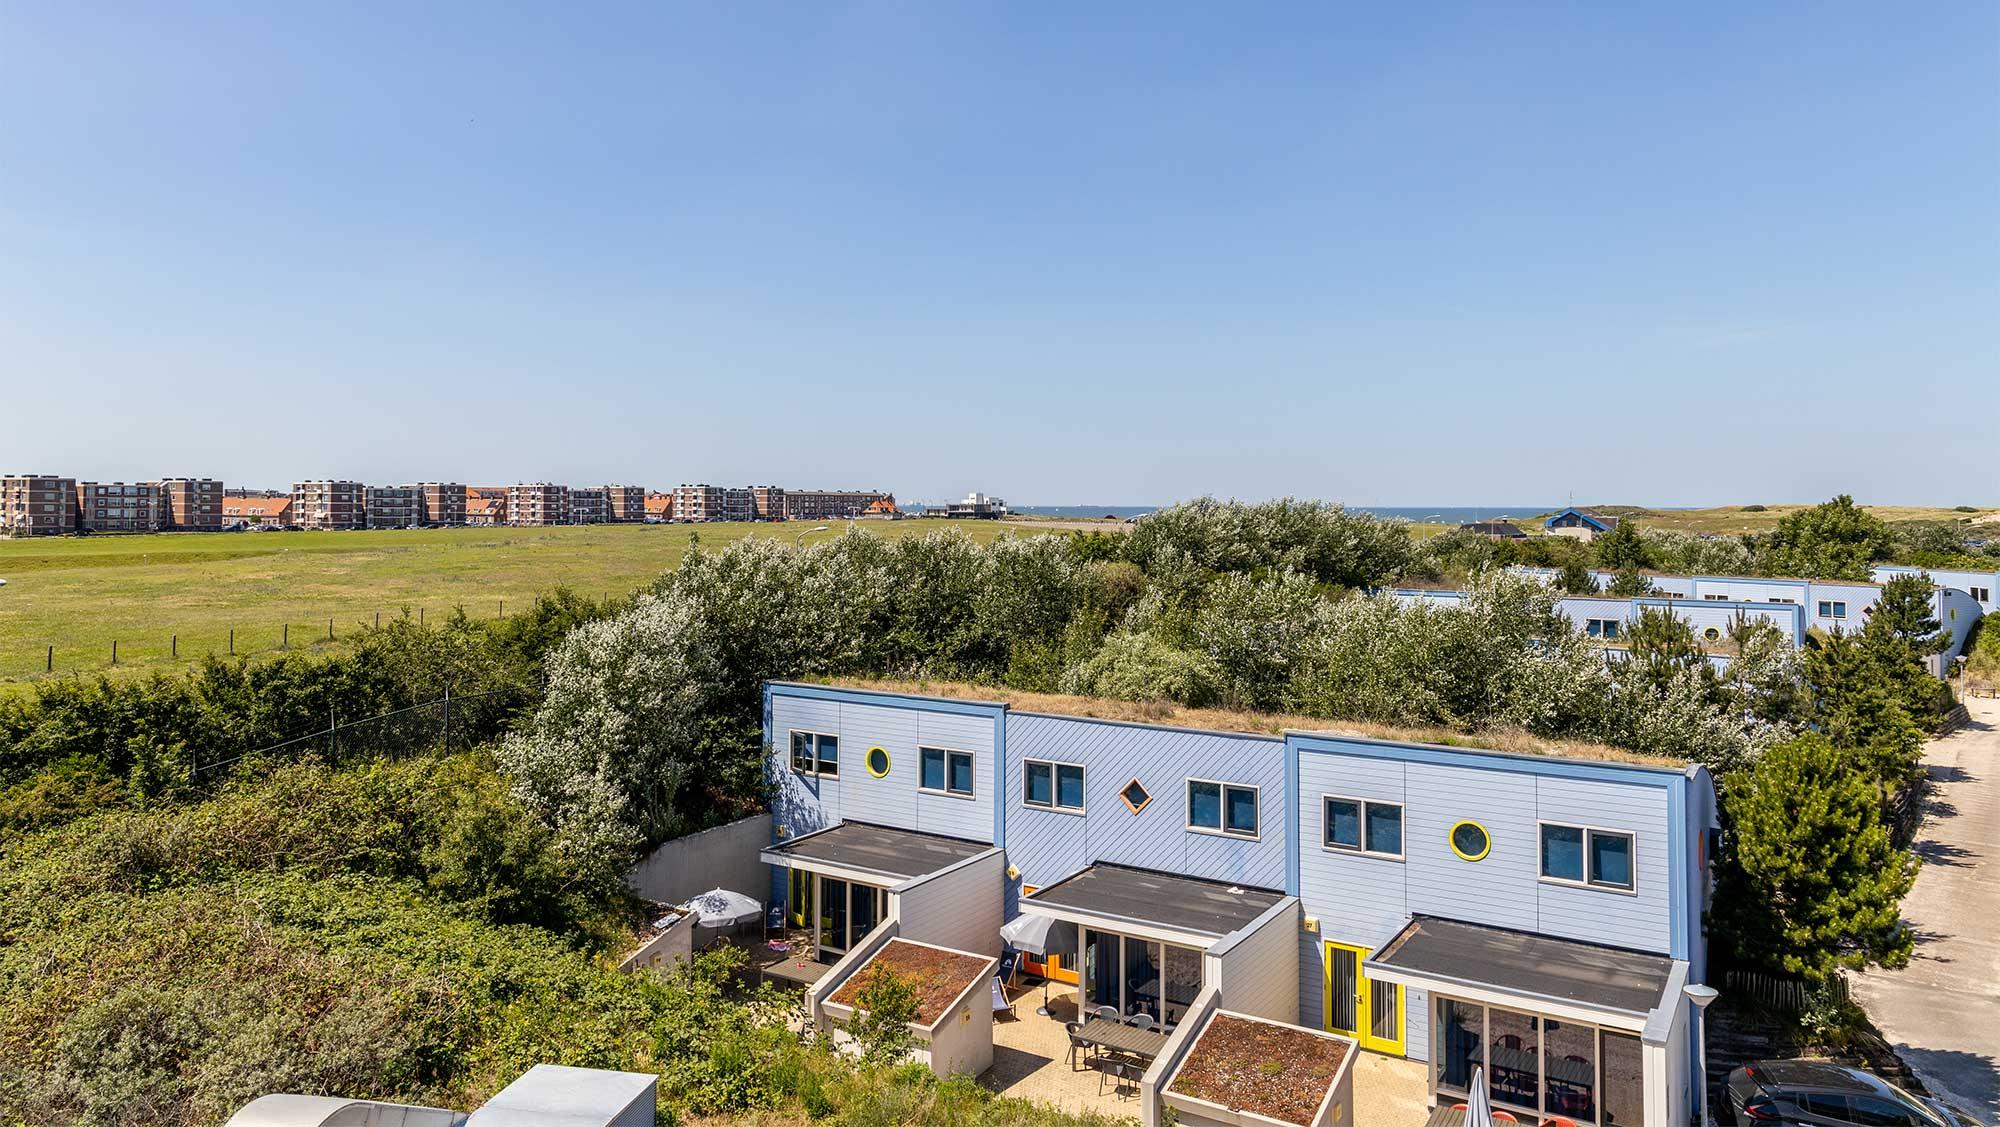 6pers bungalow Duinhuisje Molecaten Park Noordduinen 01